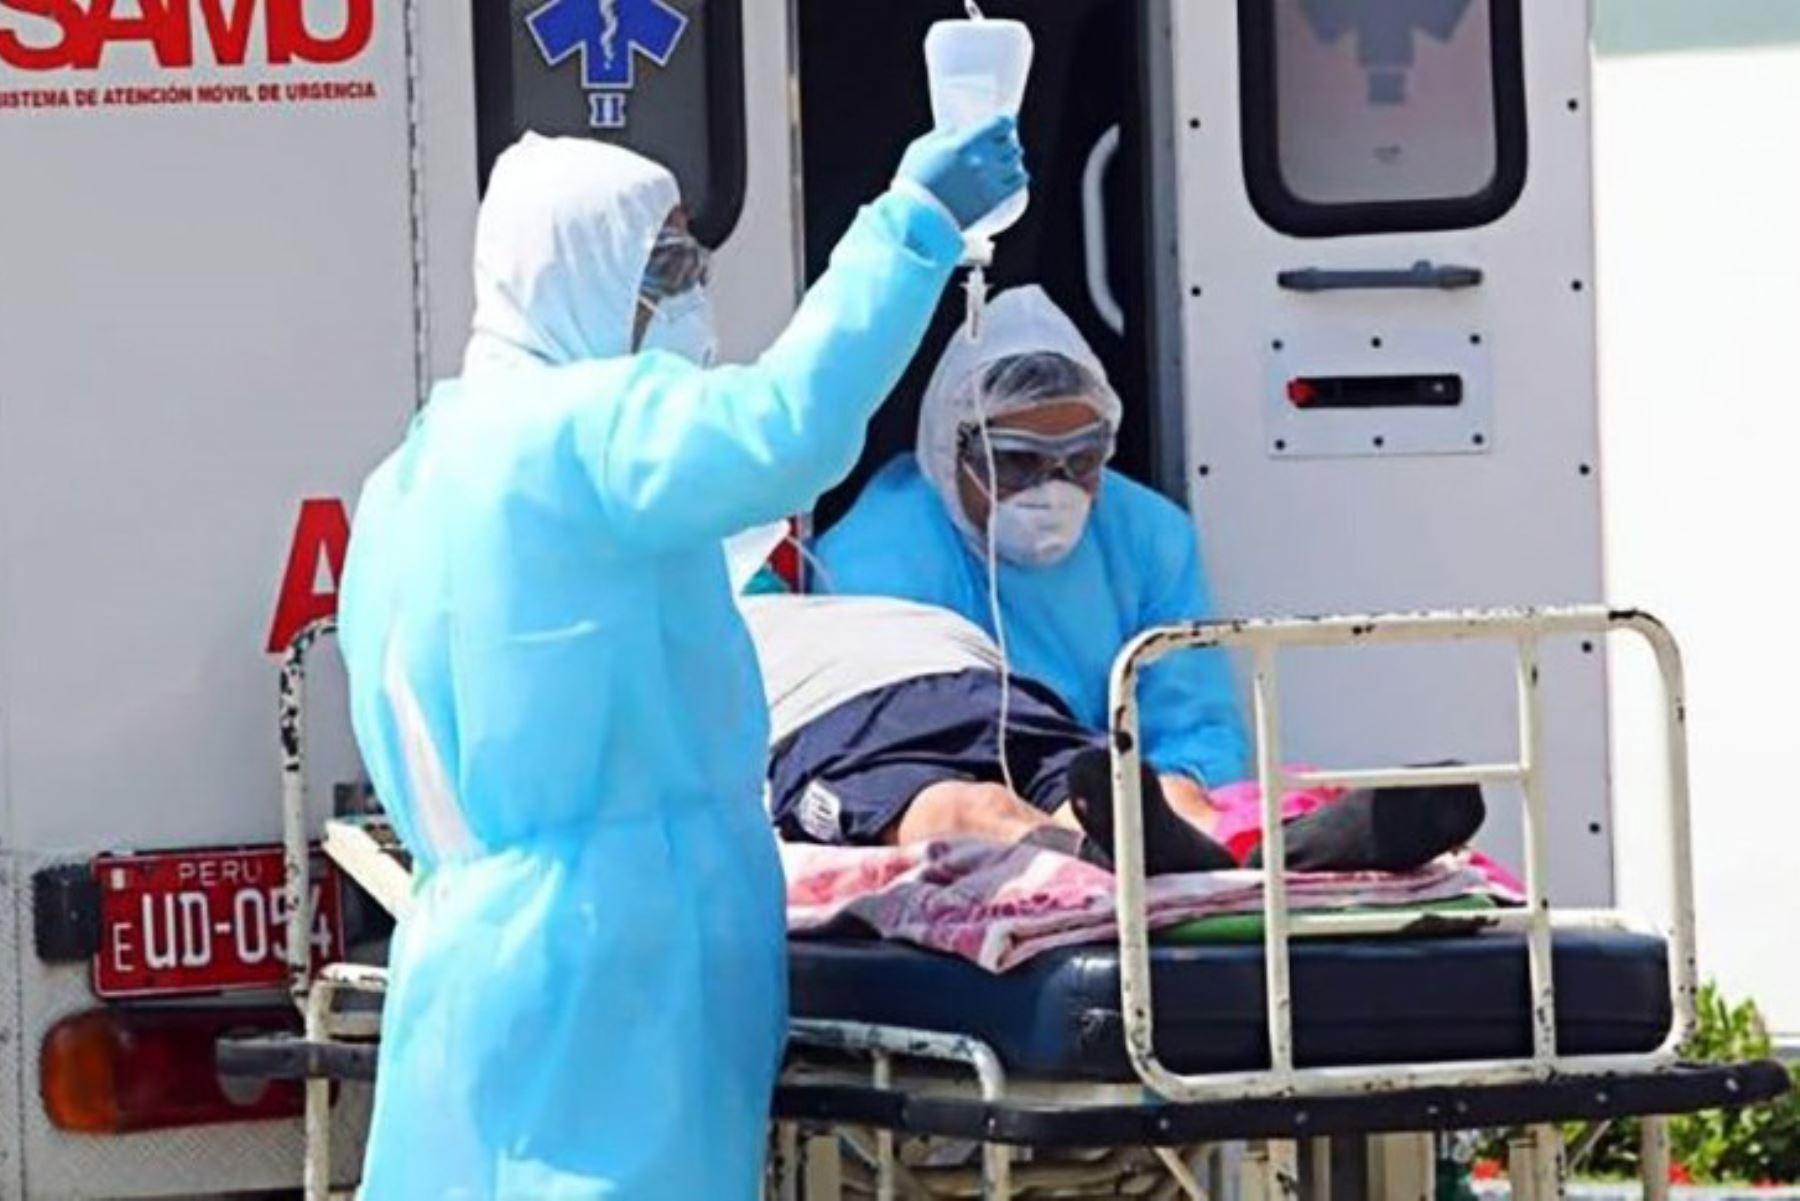 En la cresta de la segunda ola del covid-19, el sistema hospitalario peruano continúa bajo presión intensa. ANDINA/Difusión